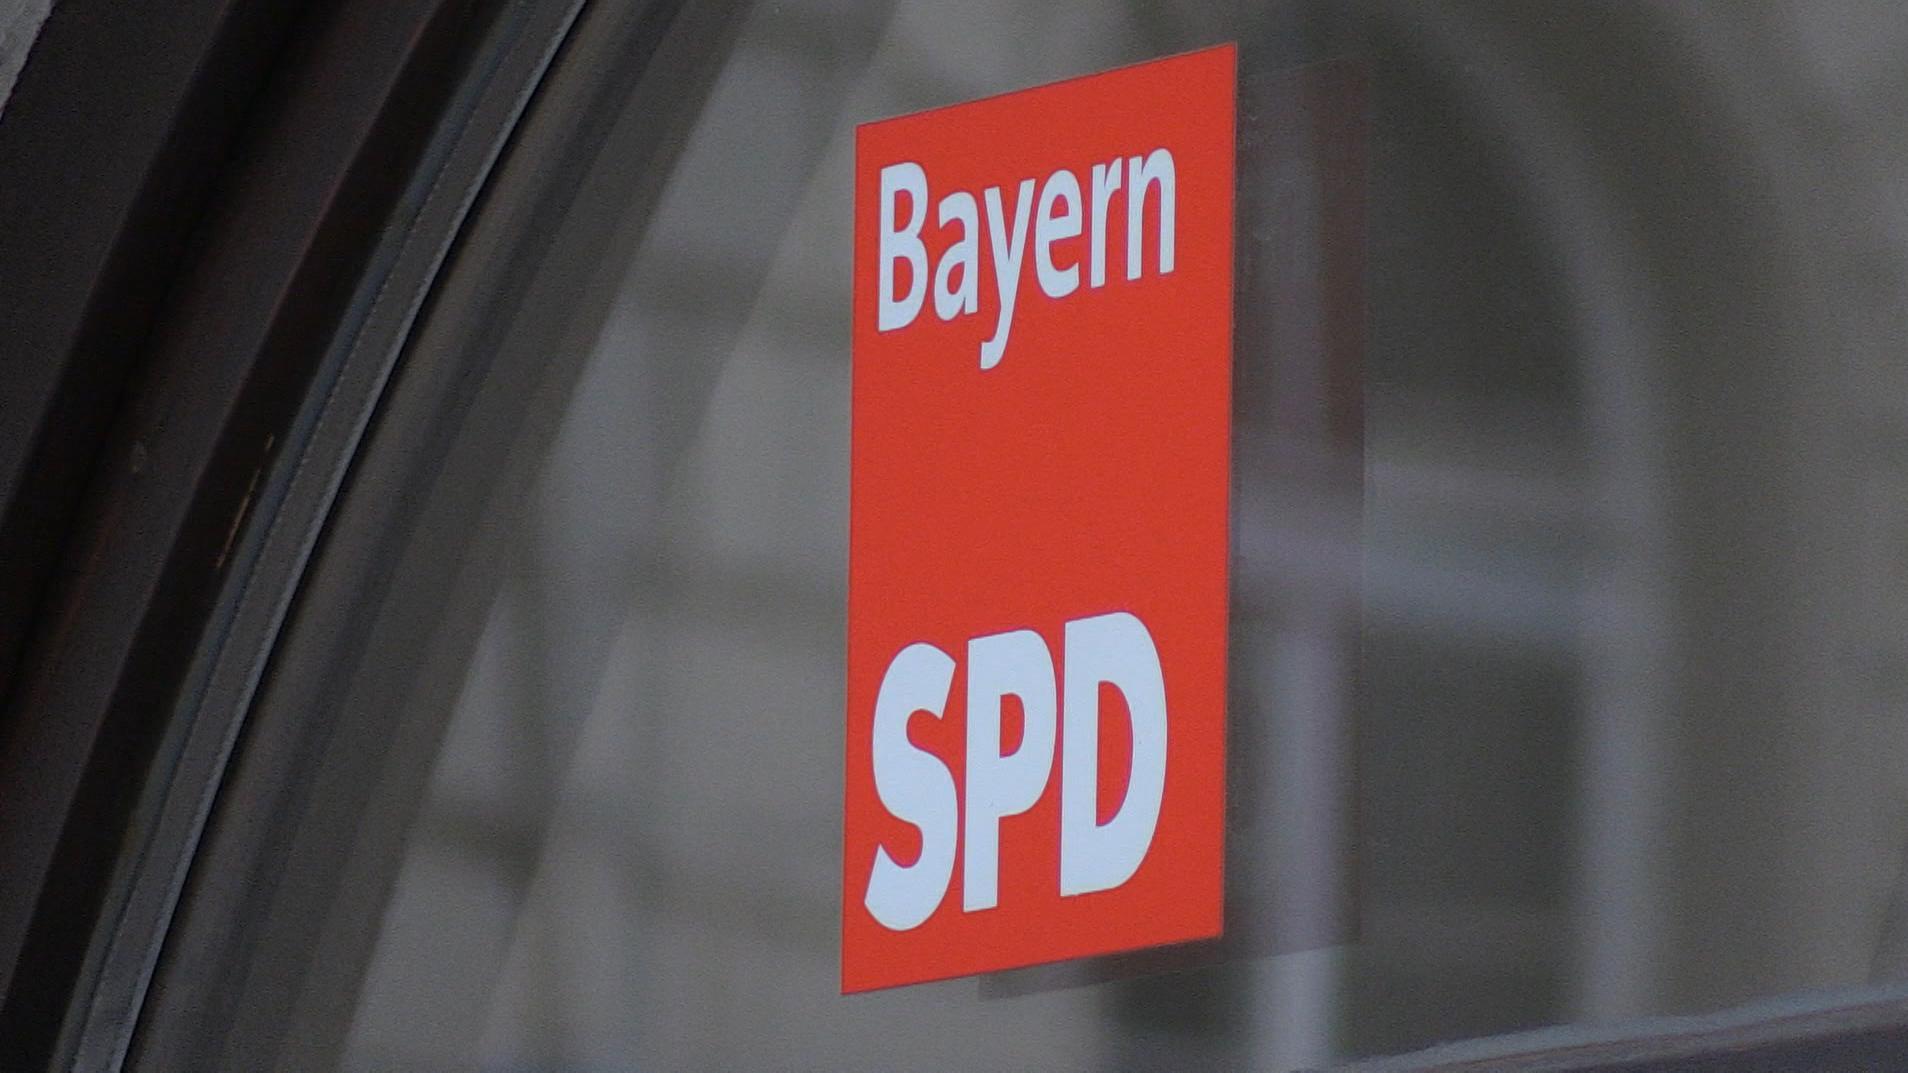 Bayern SPD Schil